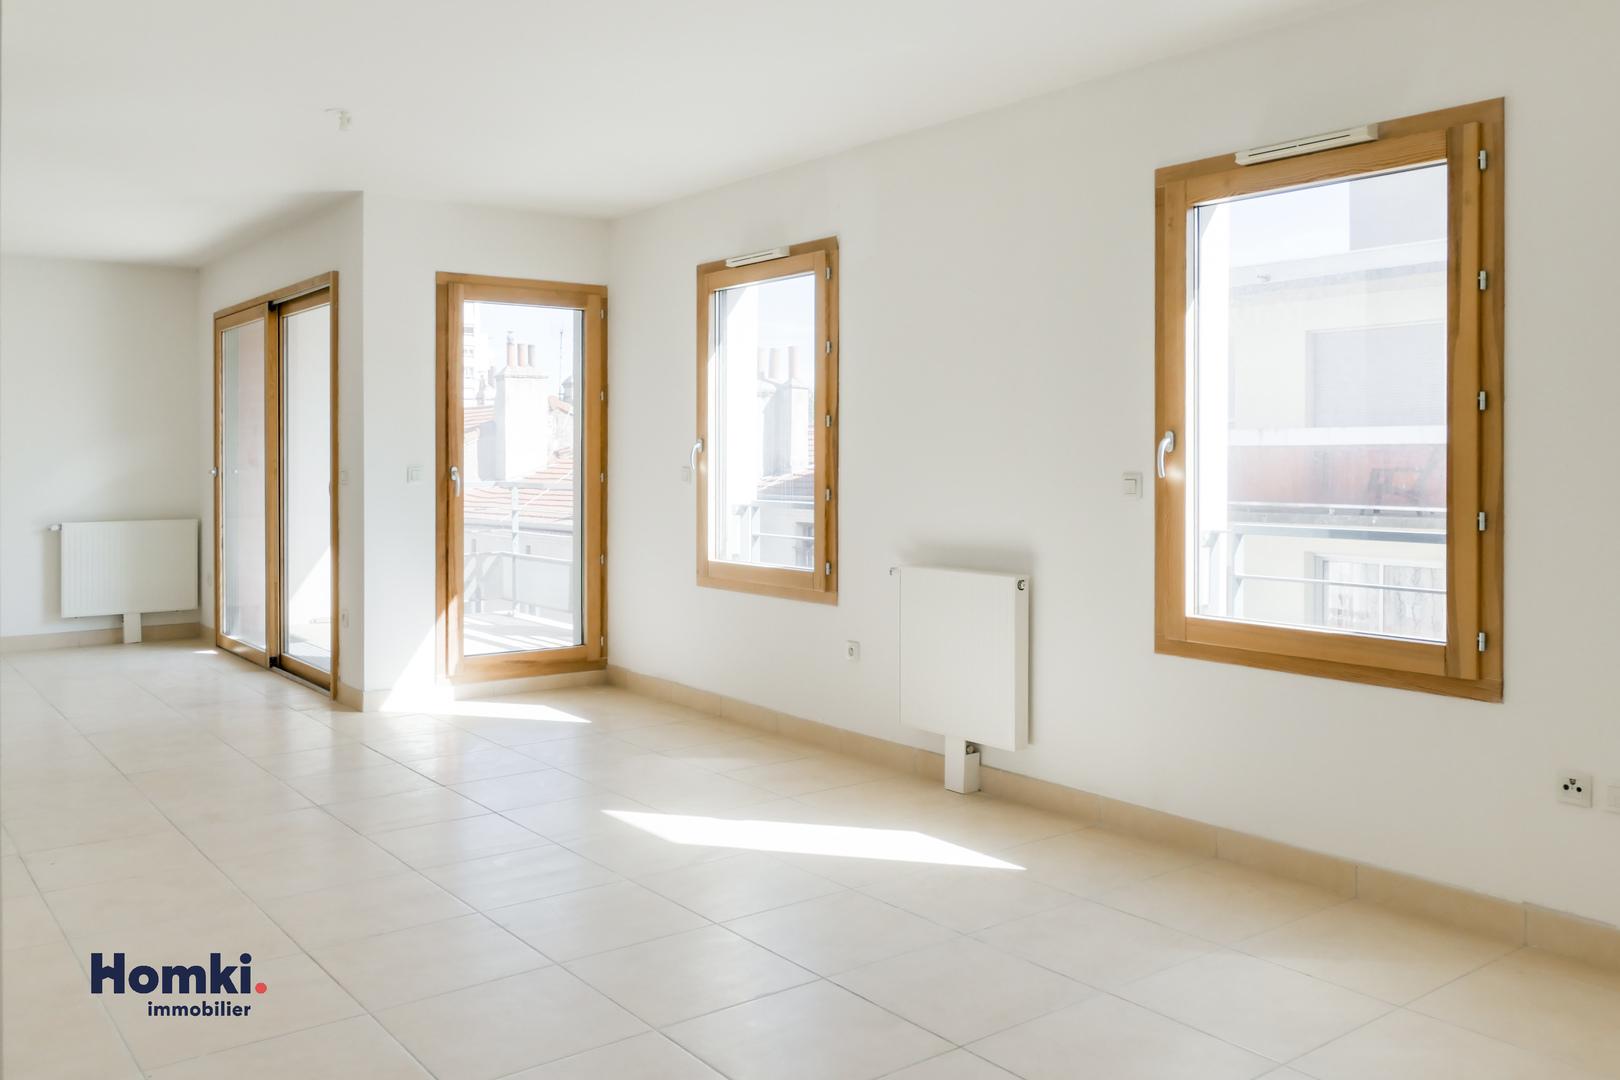 Vente appartement 87m² T3 42100_1